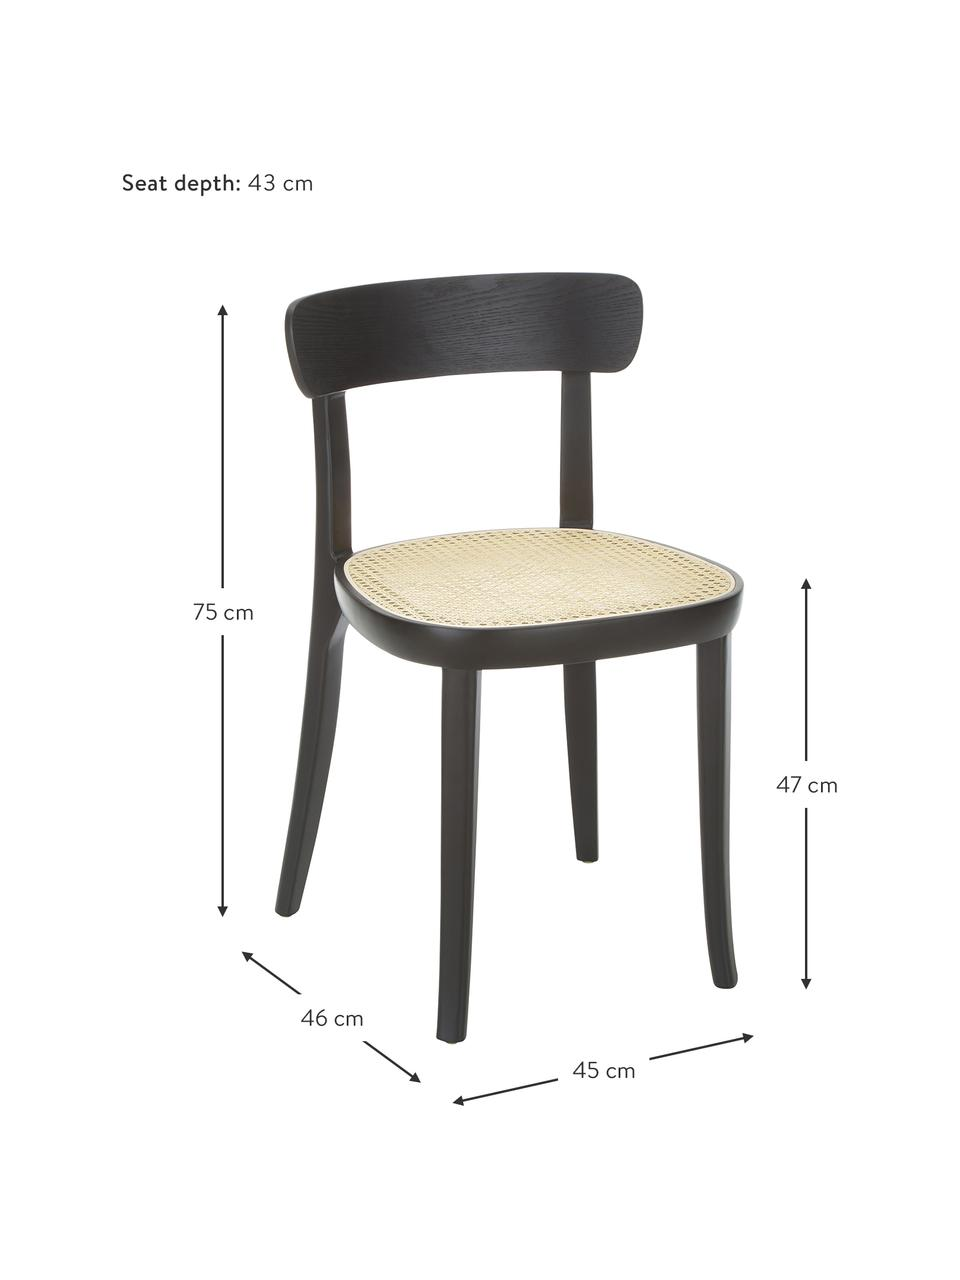 Houten stoelen Richie met Weens vlechtwerk, 2 stuks, Zitvlak: rotan, Frame: massief essenhout, Zwart, 45 x 75 cm